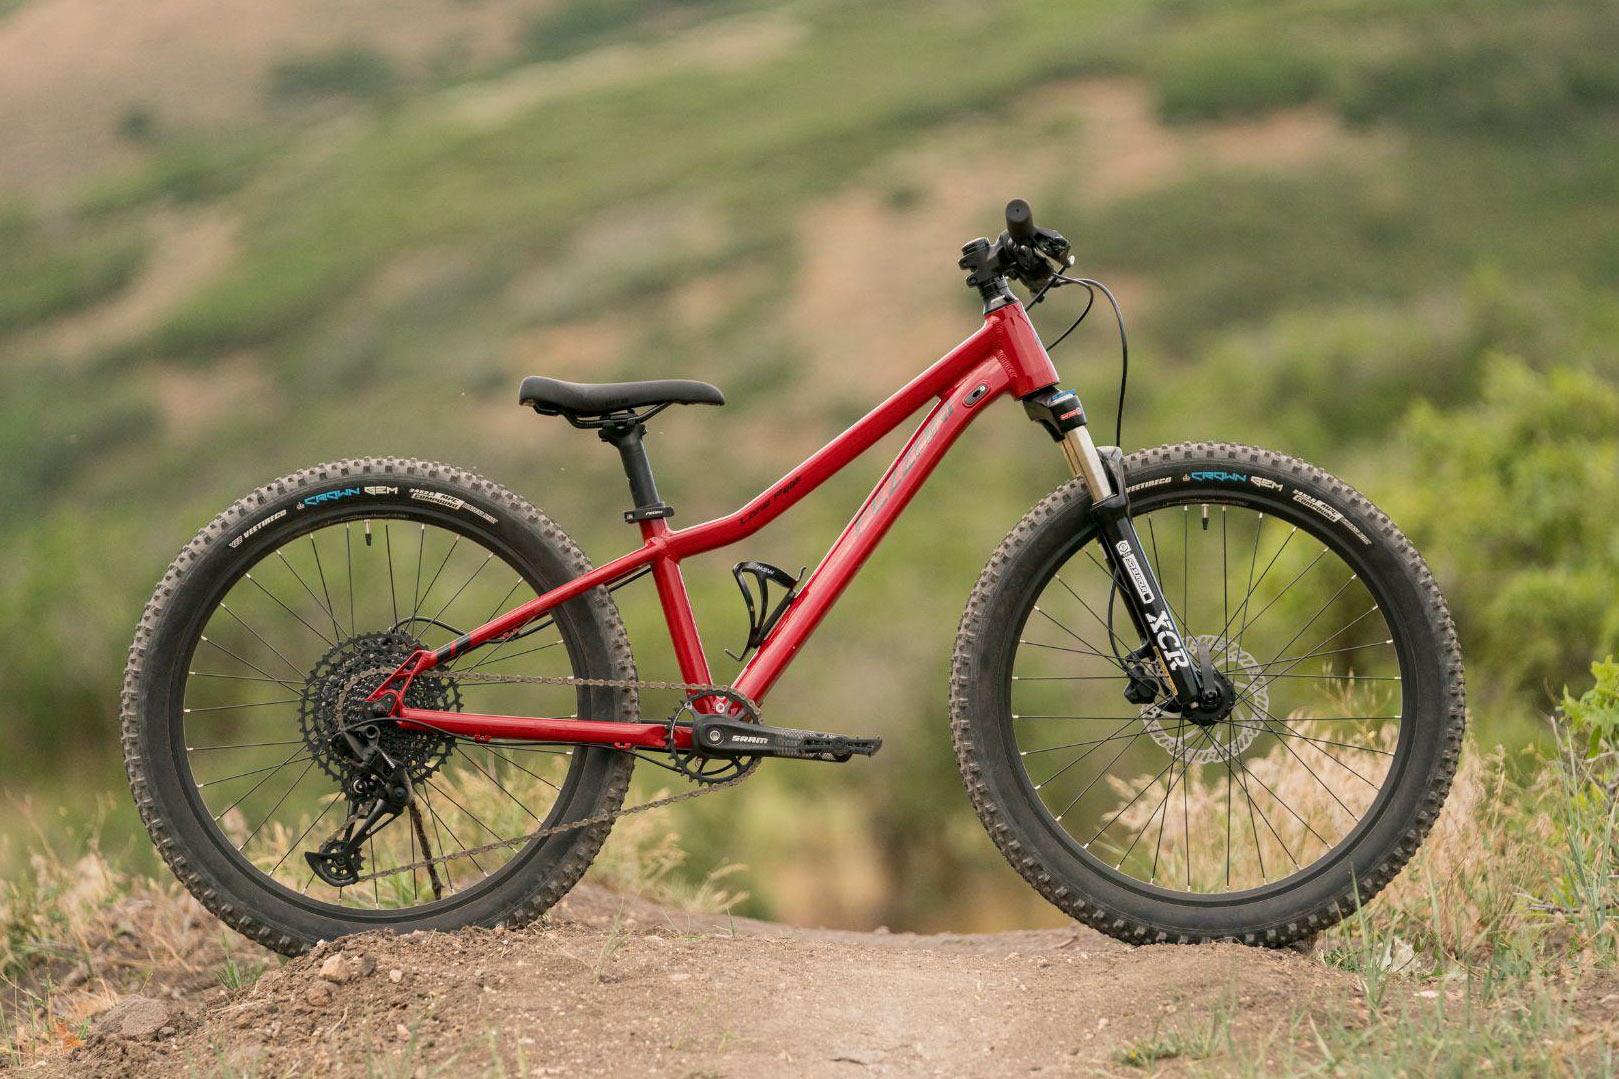 fezzari lone peak kids mountain bike shown from side in red